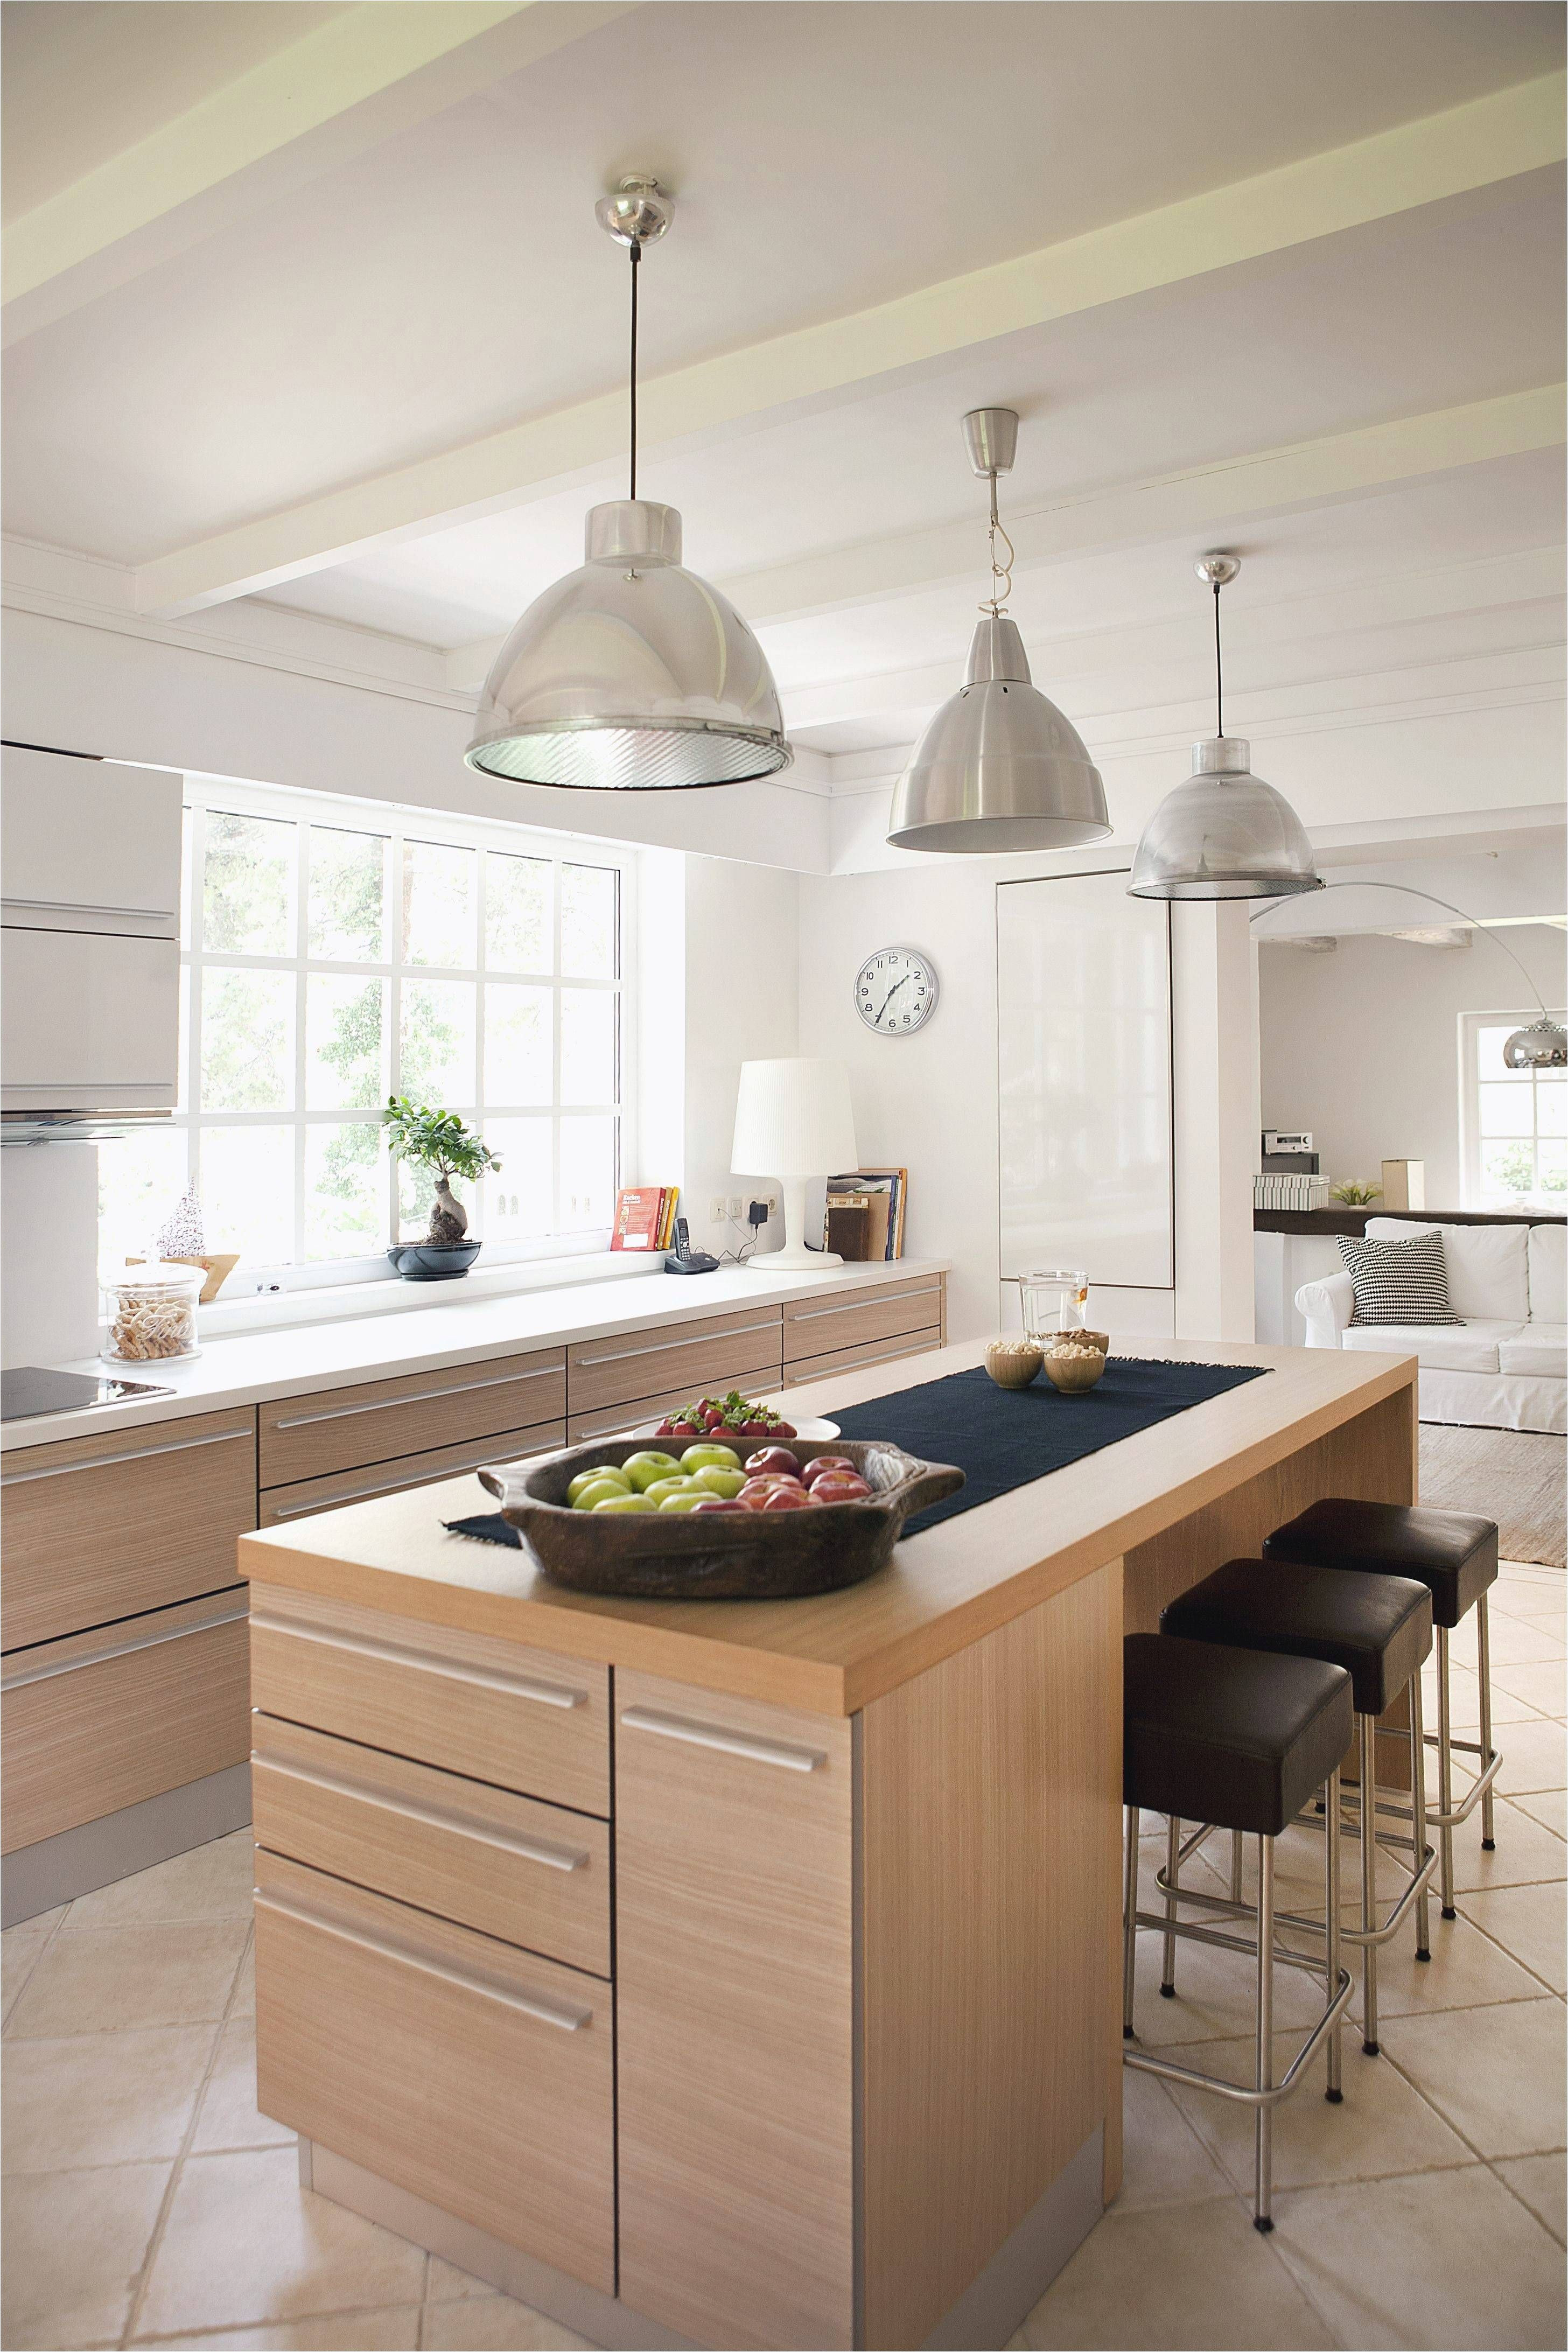 imagenes de cocinas modernas pequea as hermoso fotos el mas eficaz coleccia n disea os de cocinas